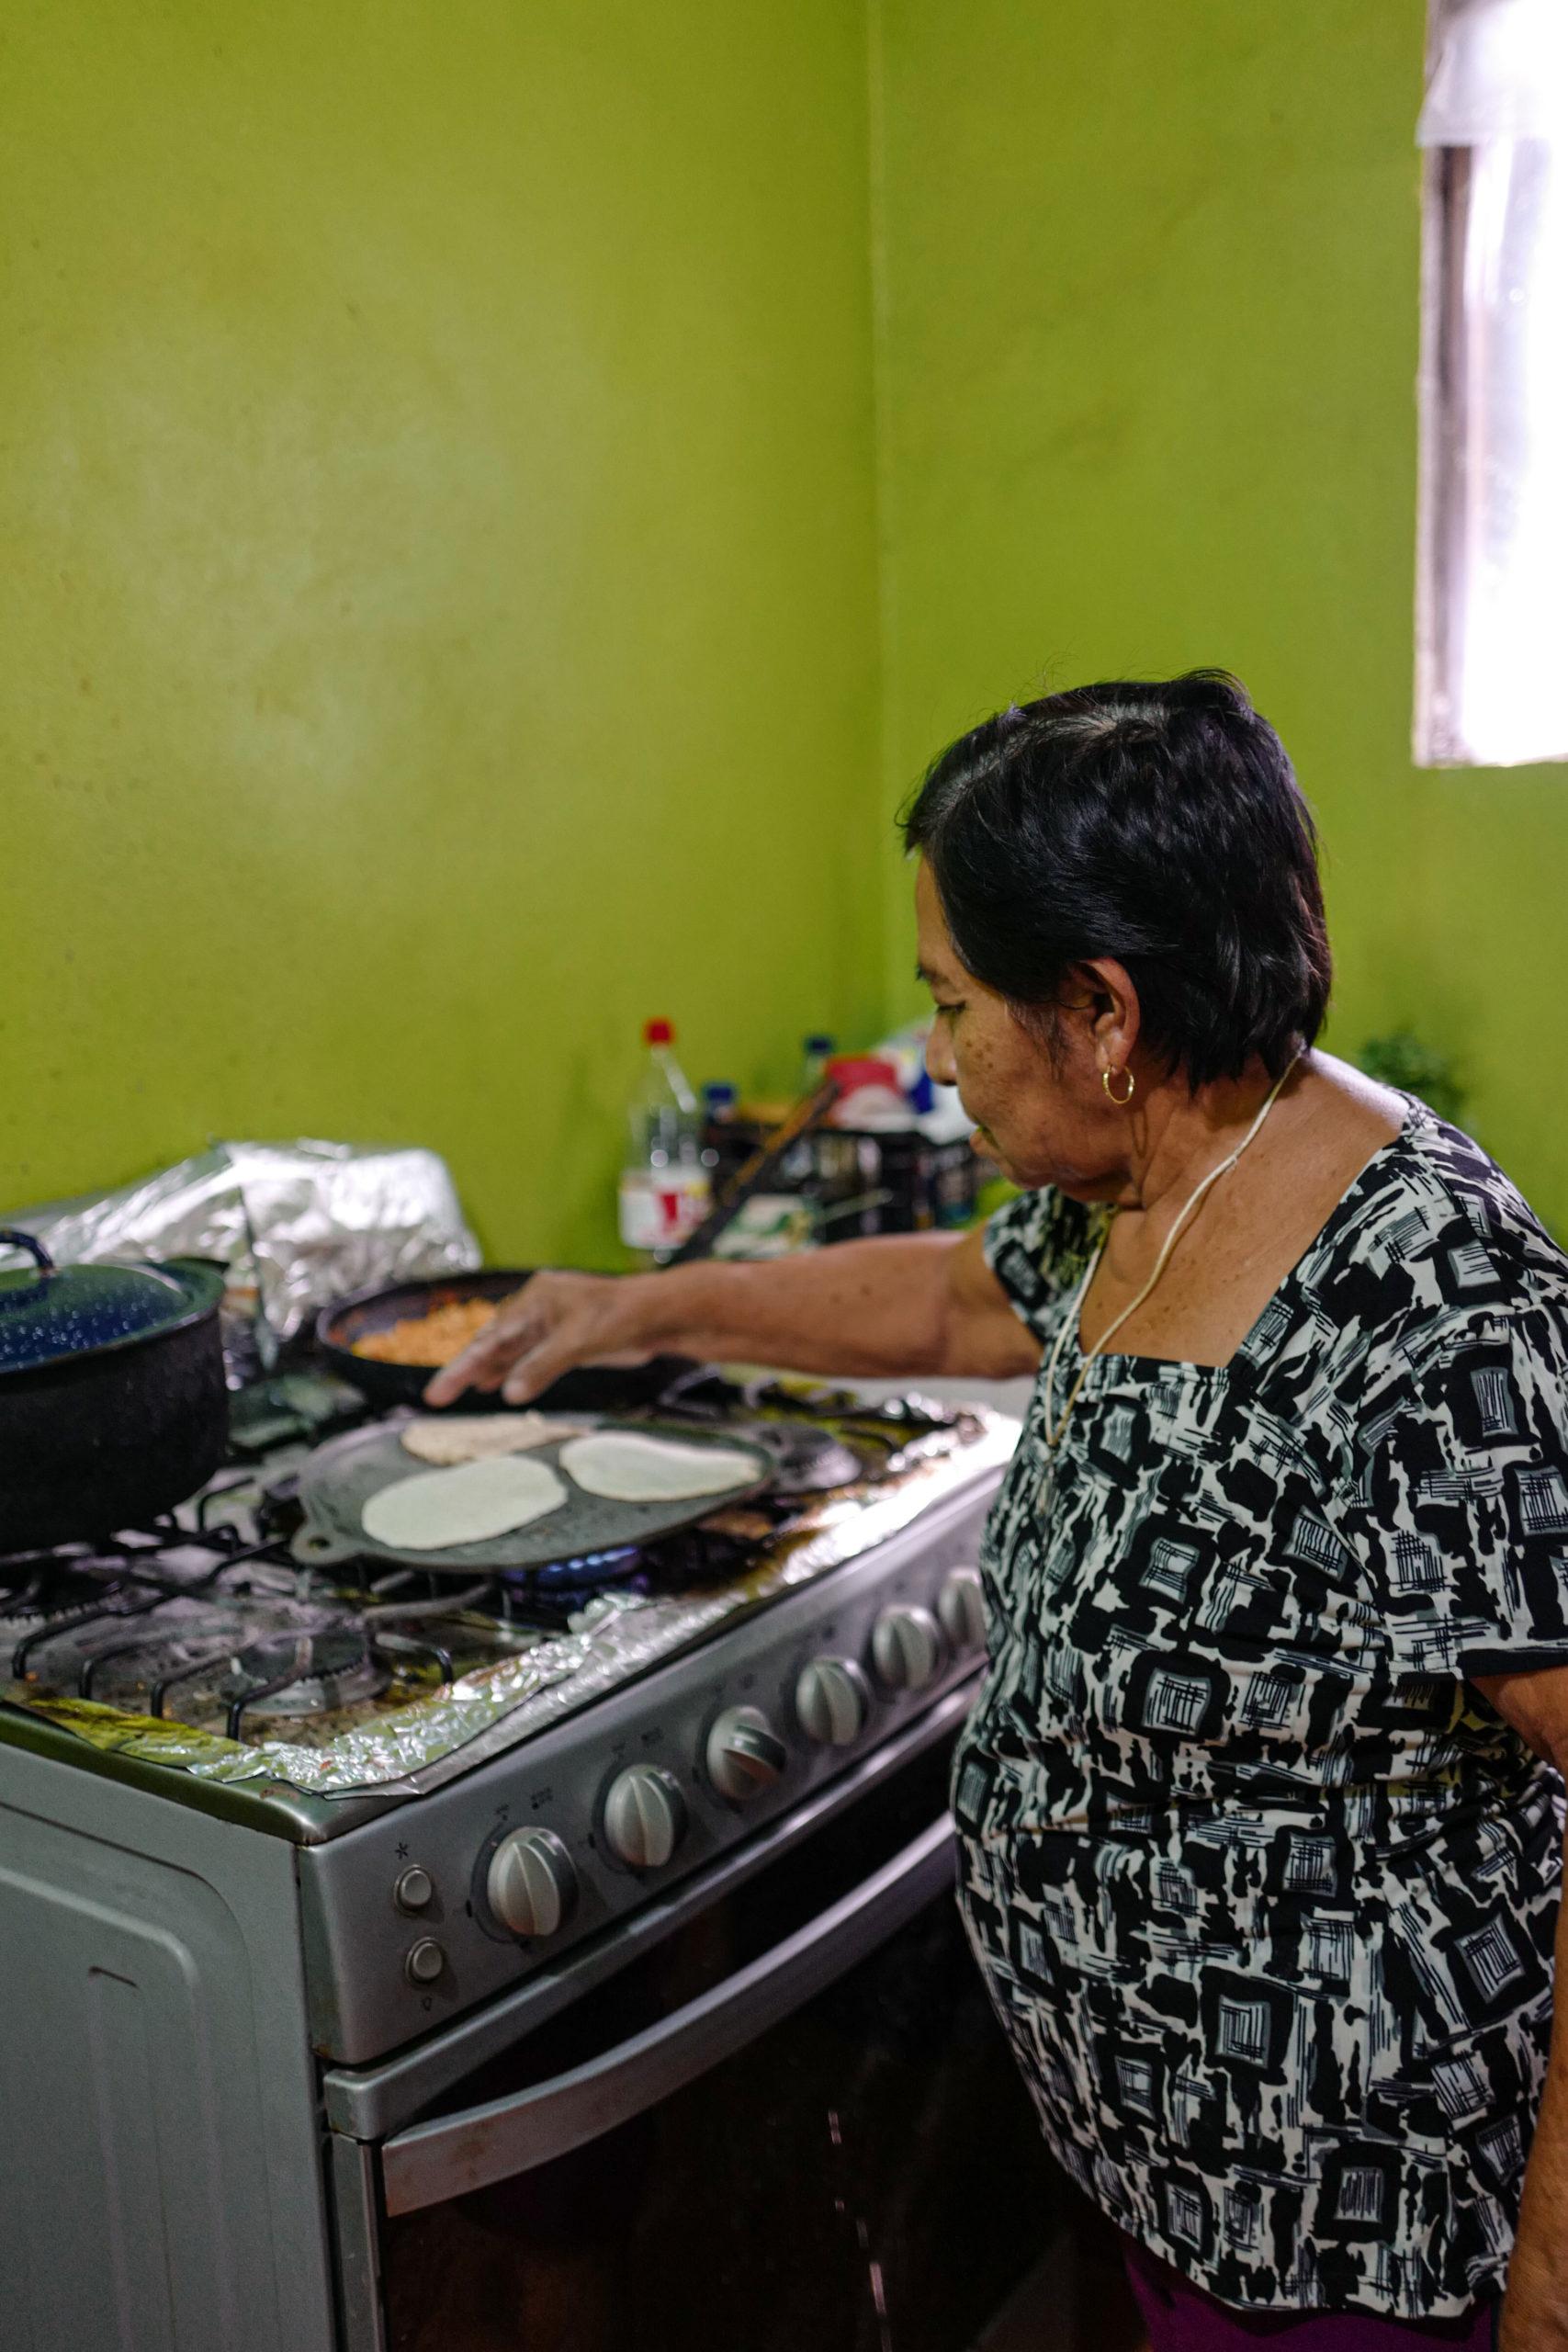 cooking-course-mexico